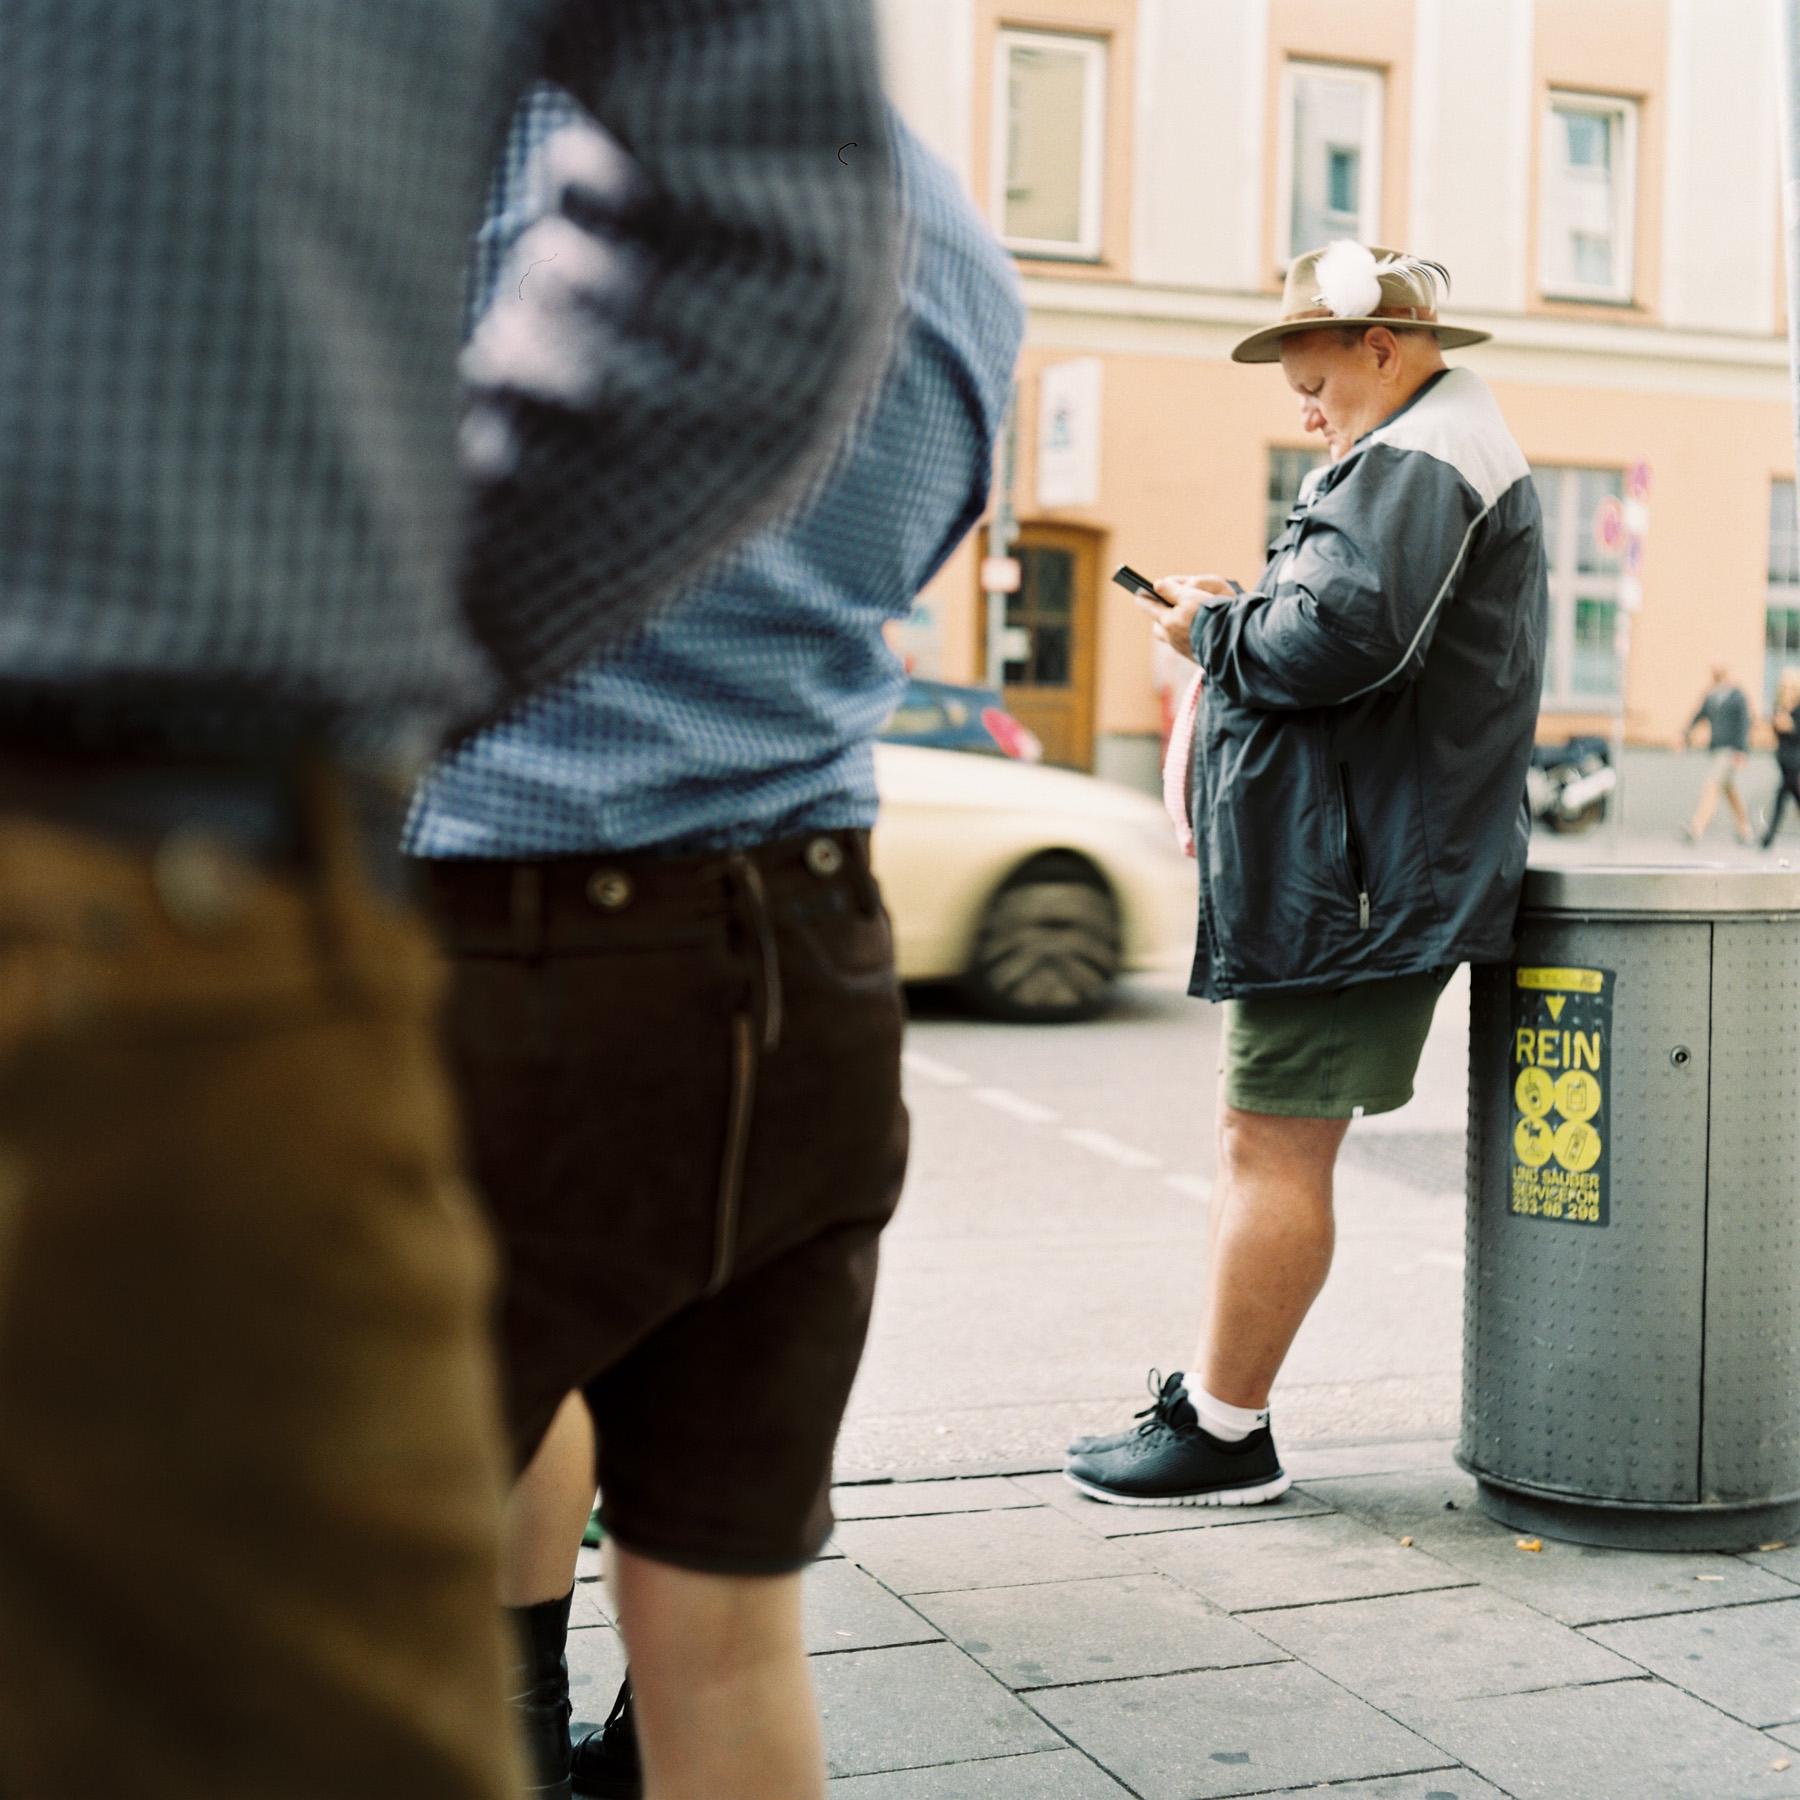 Ein Mann guckt auf sein Handy